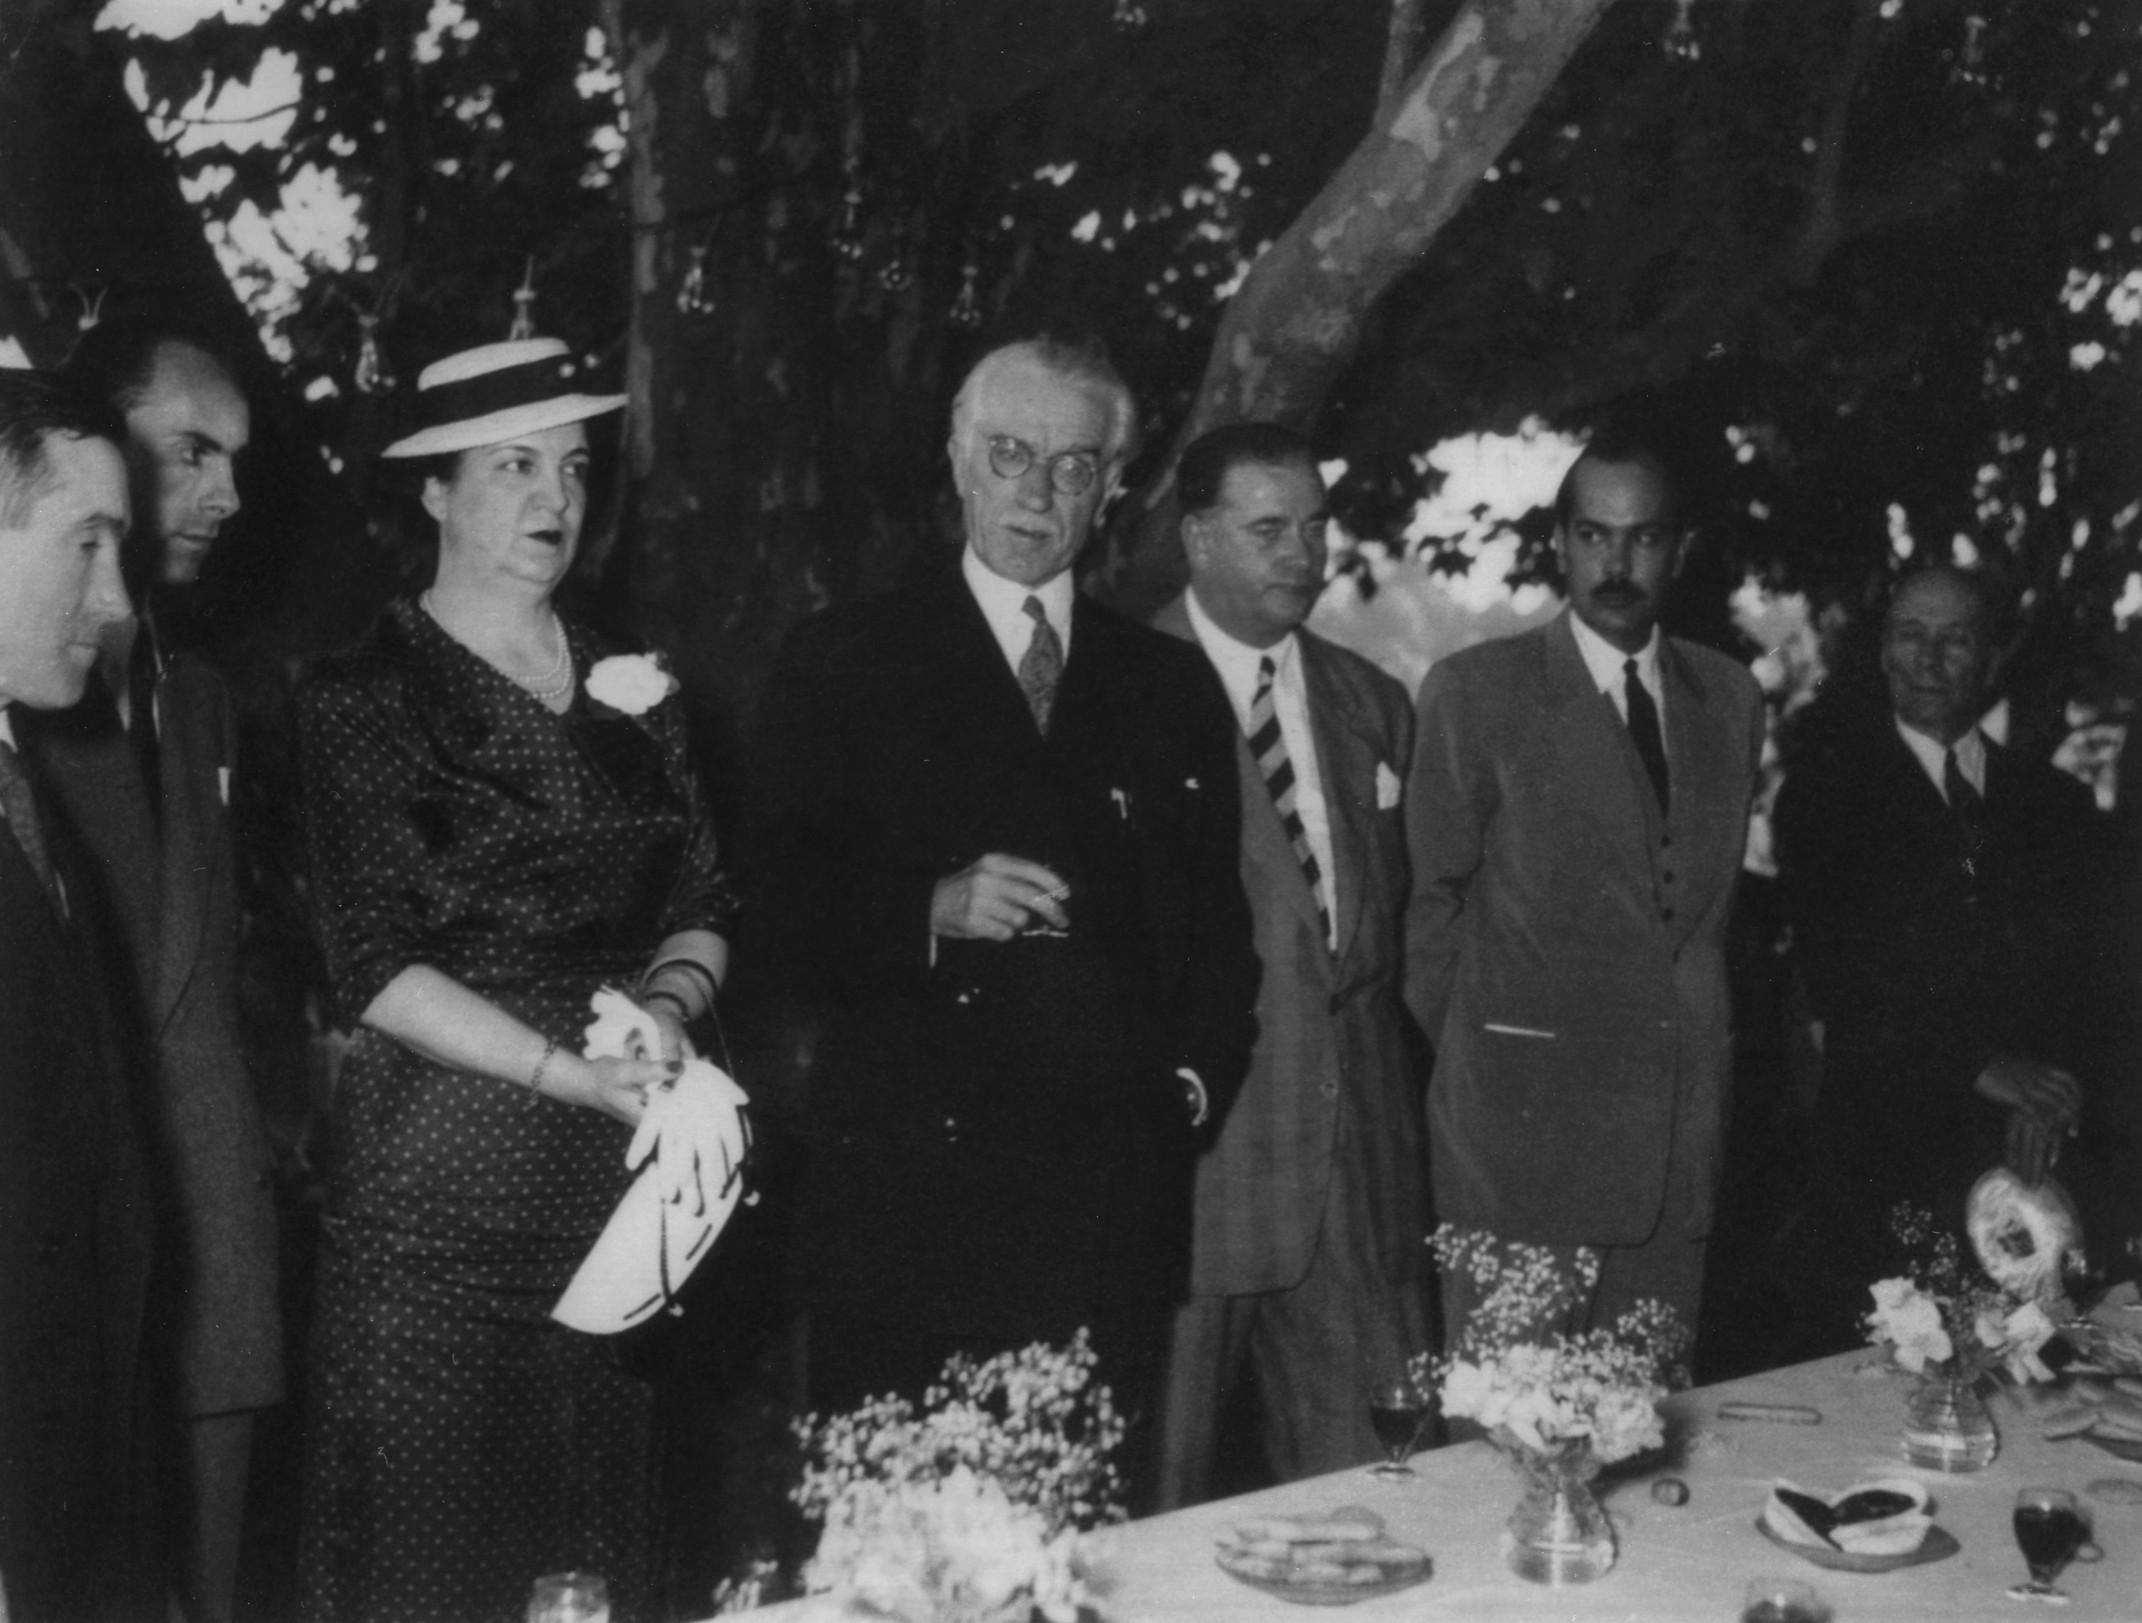 Primeira exposição/feira inaugurada pelo presidente da Associação Nacional Dr. Albino dos Reis (1952)